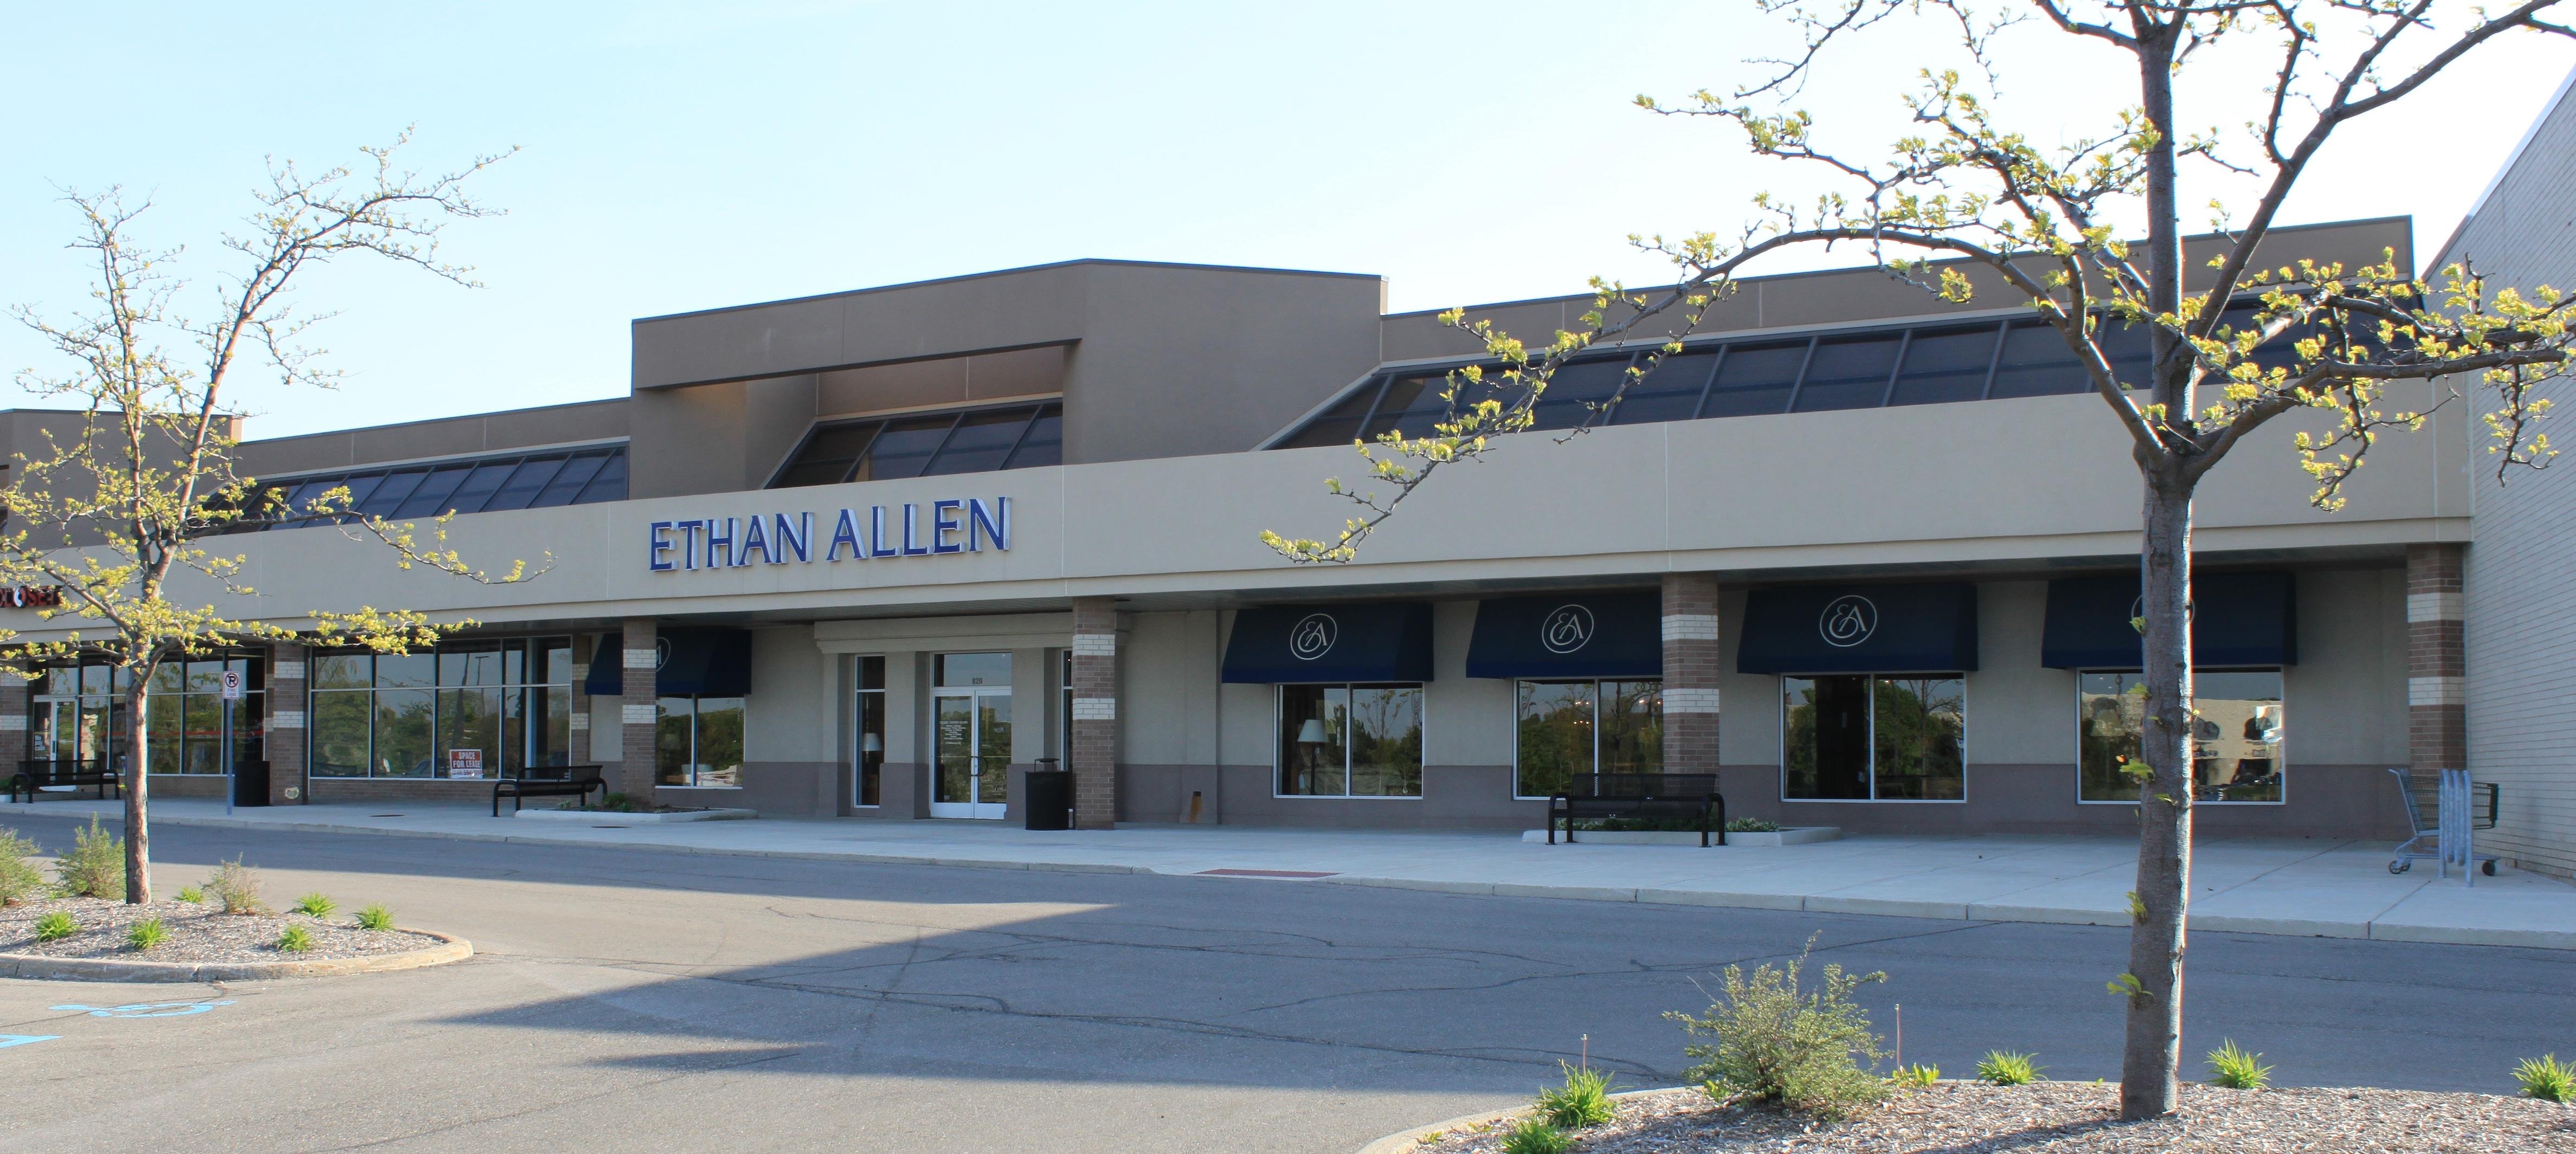 File:Ethan Allen Store Ann Arbor.JPG